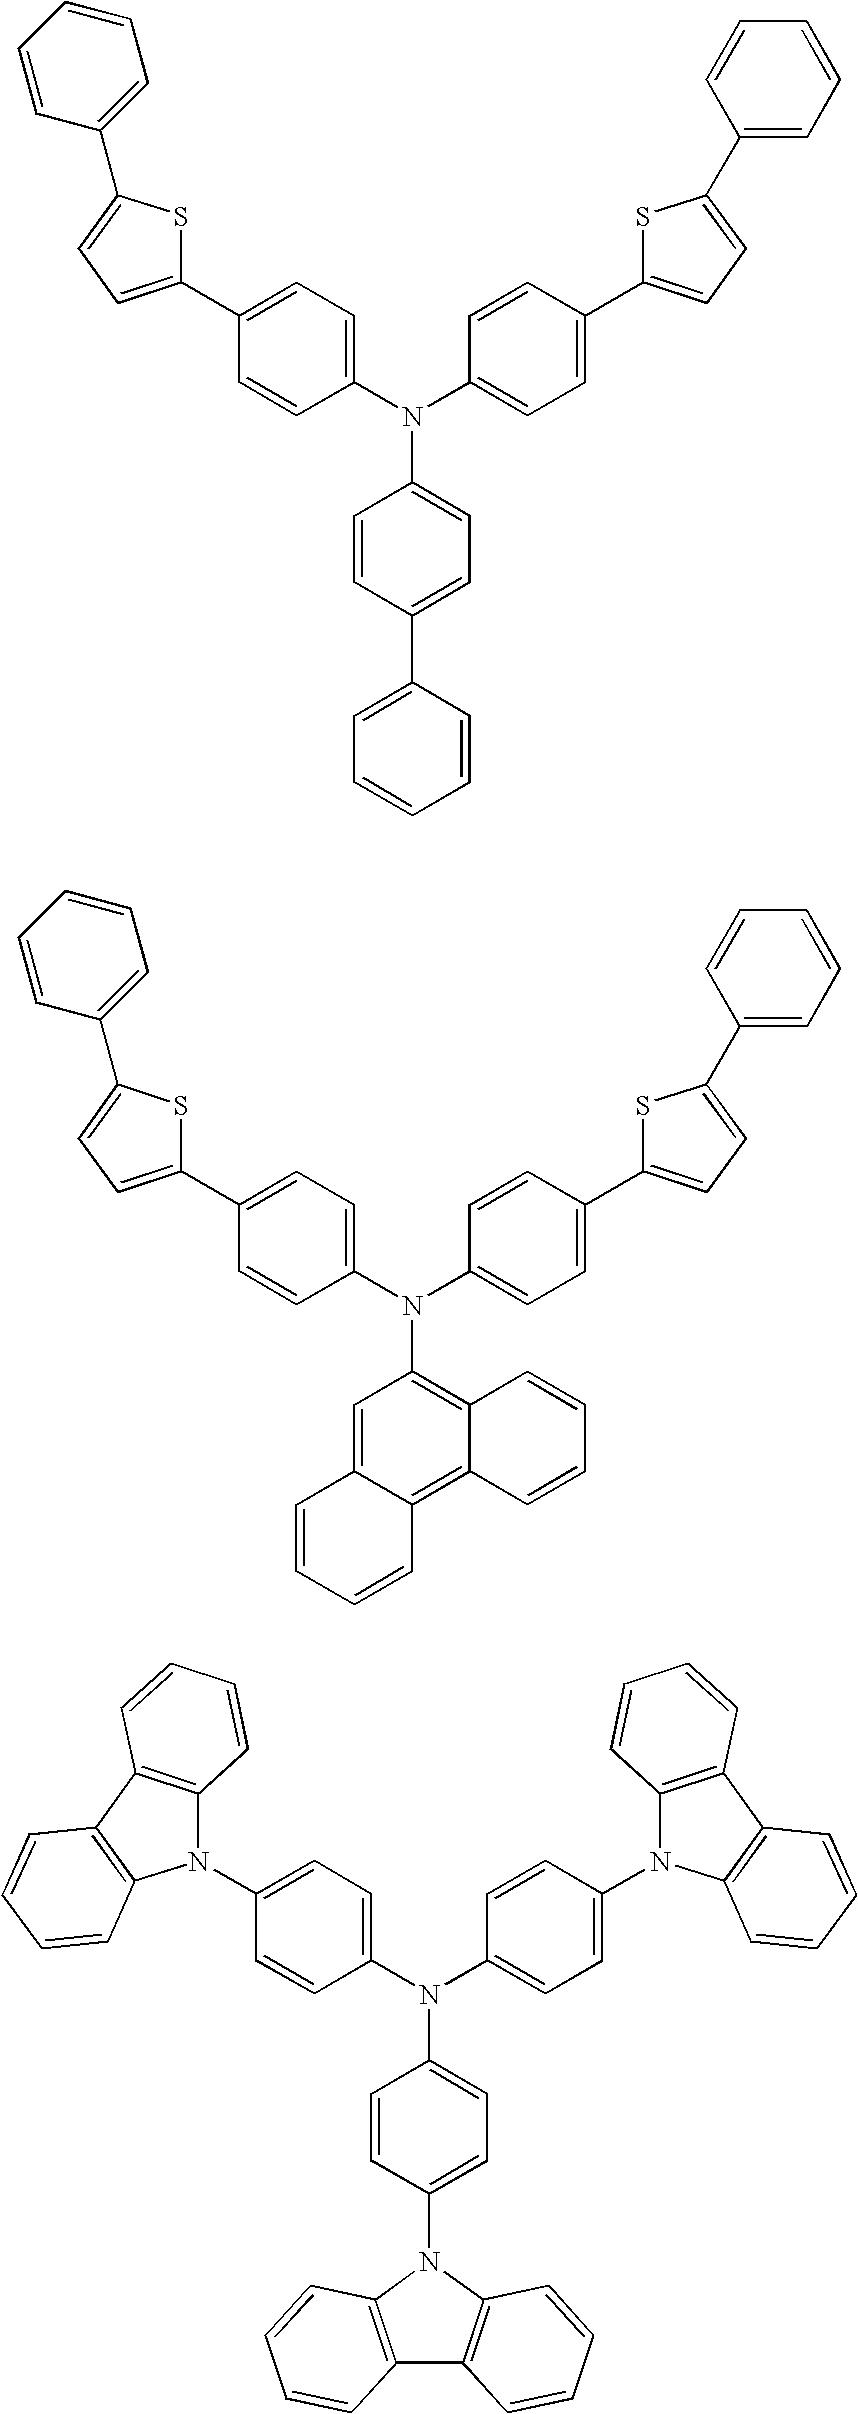 Figure US08779655-20140715-C00675